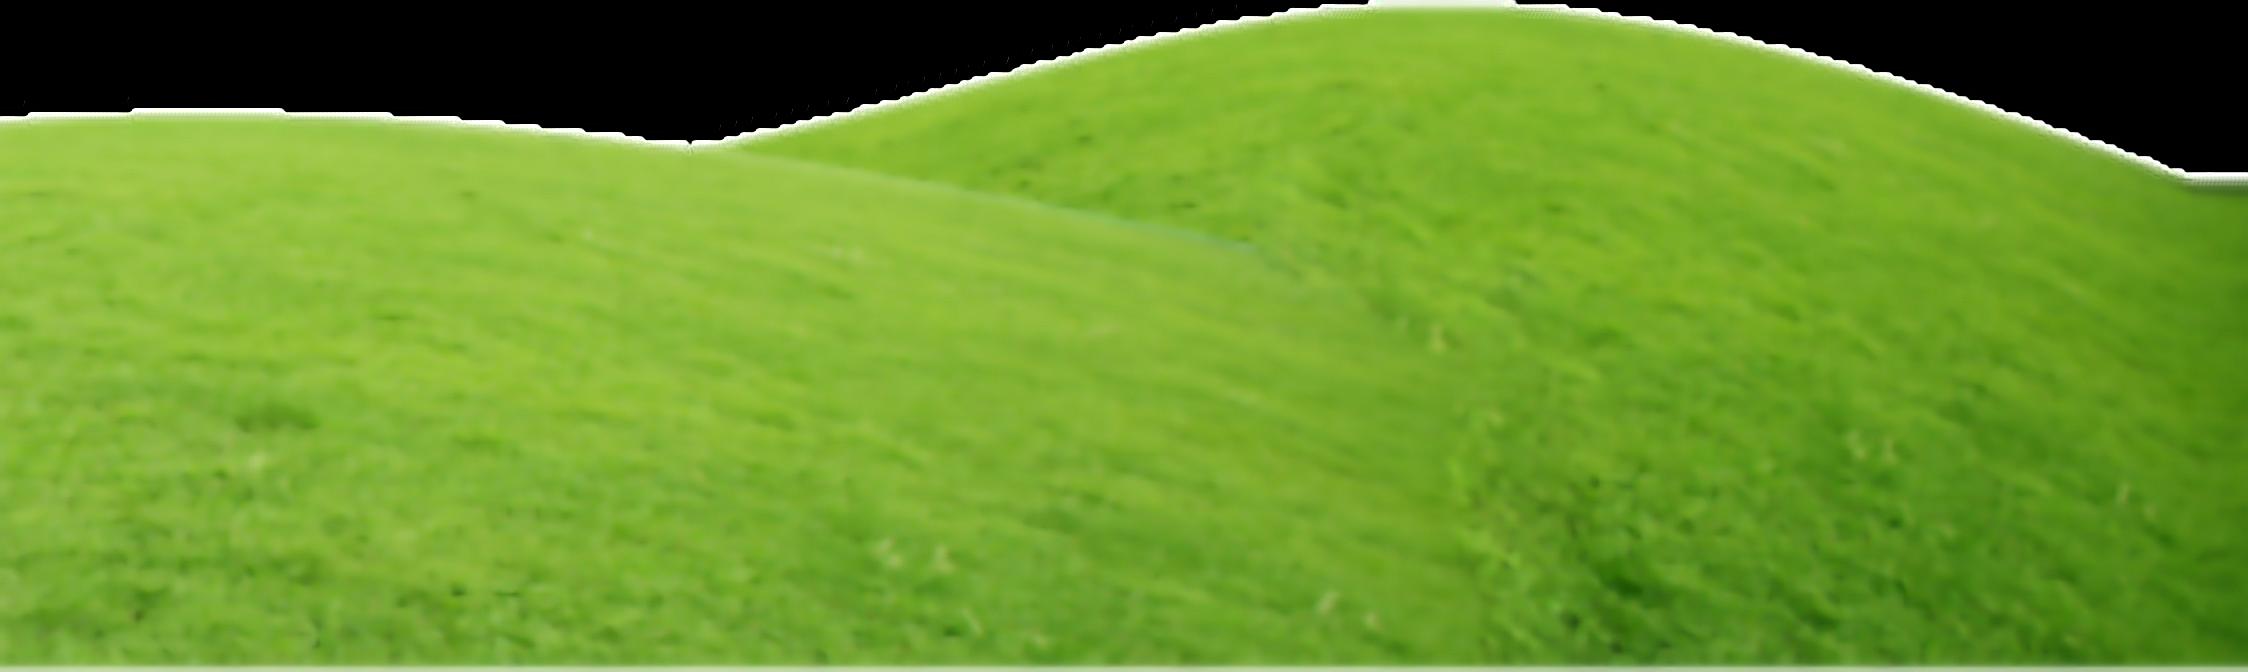 download green grass hills nature outdoors